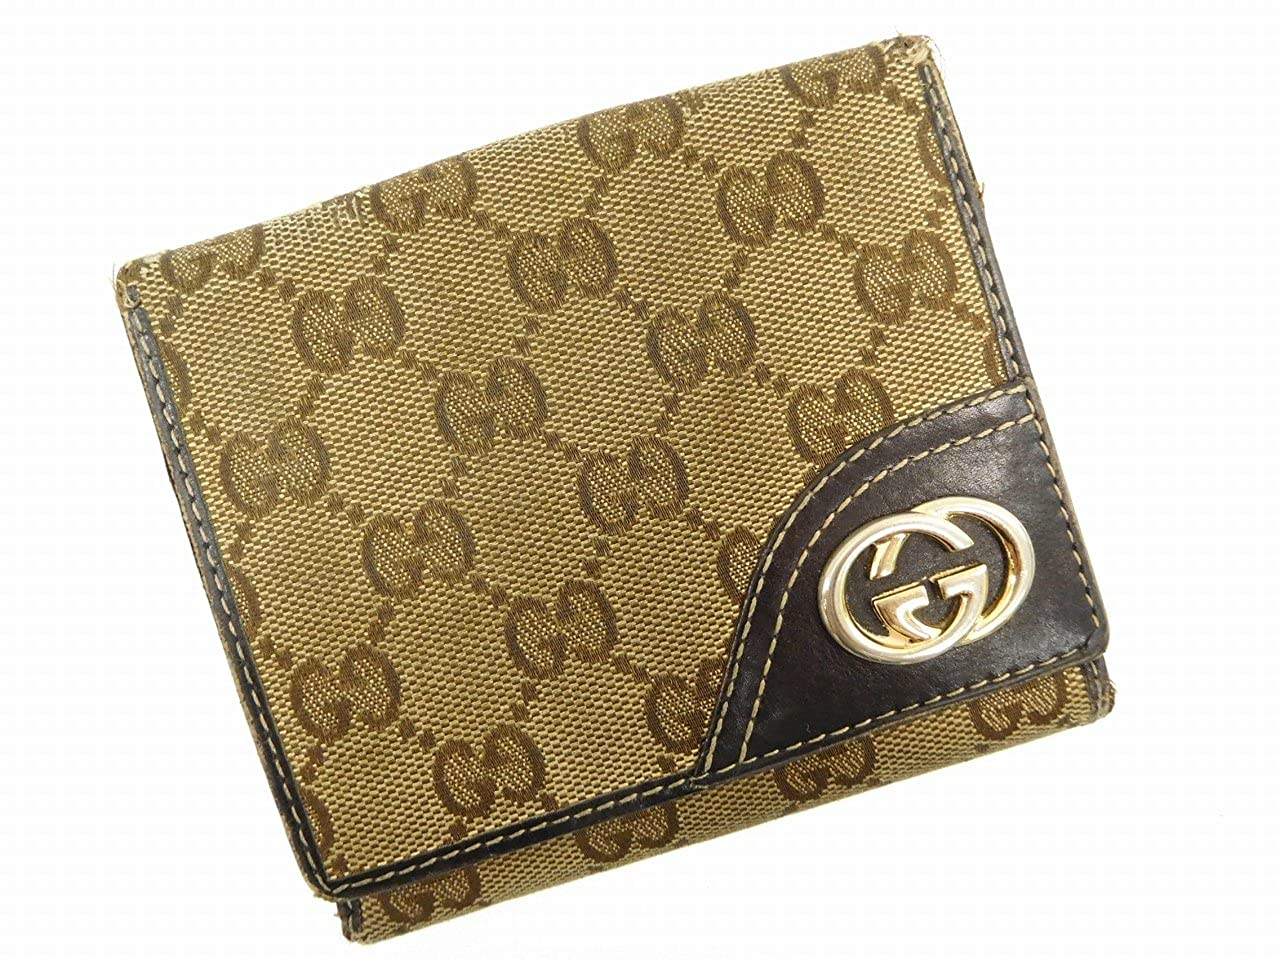 [グッチ] GUCCI 二つ折り財布 GGキャンバス キャンバス×レザー X14847 中古   B071R5TBXJ